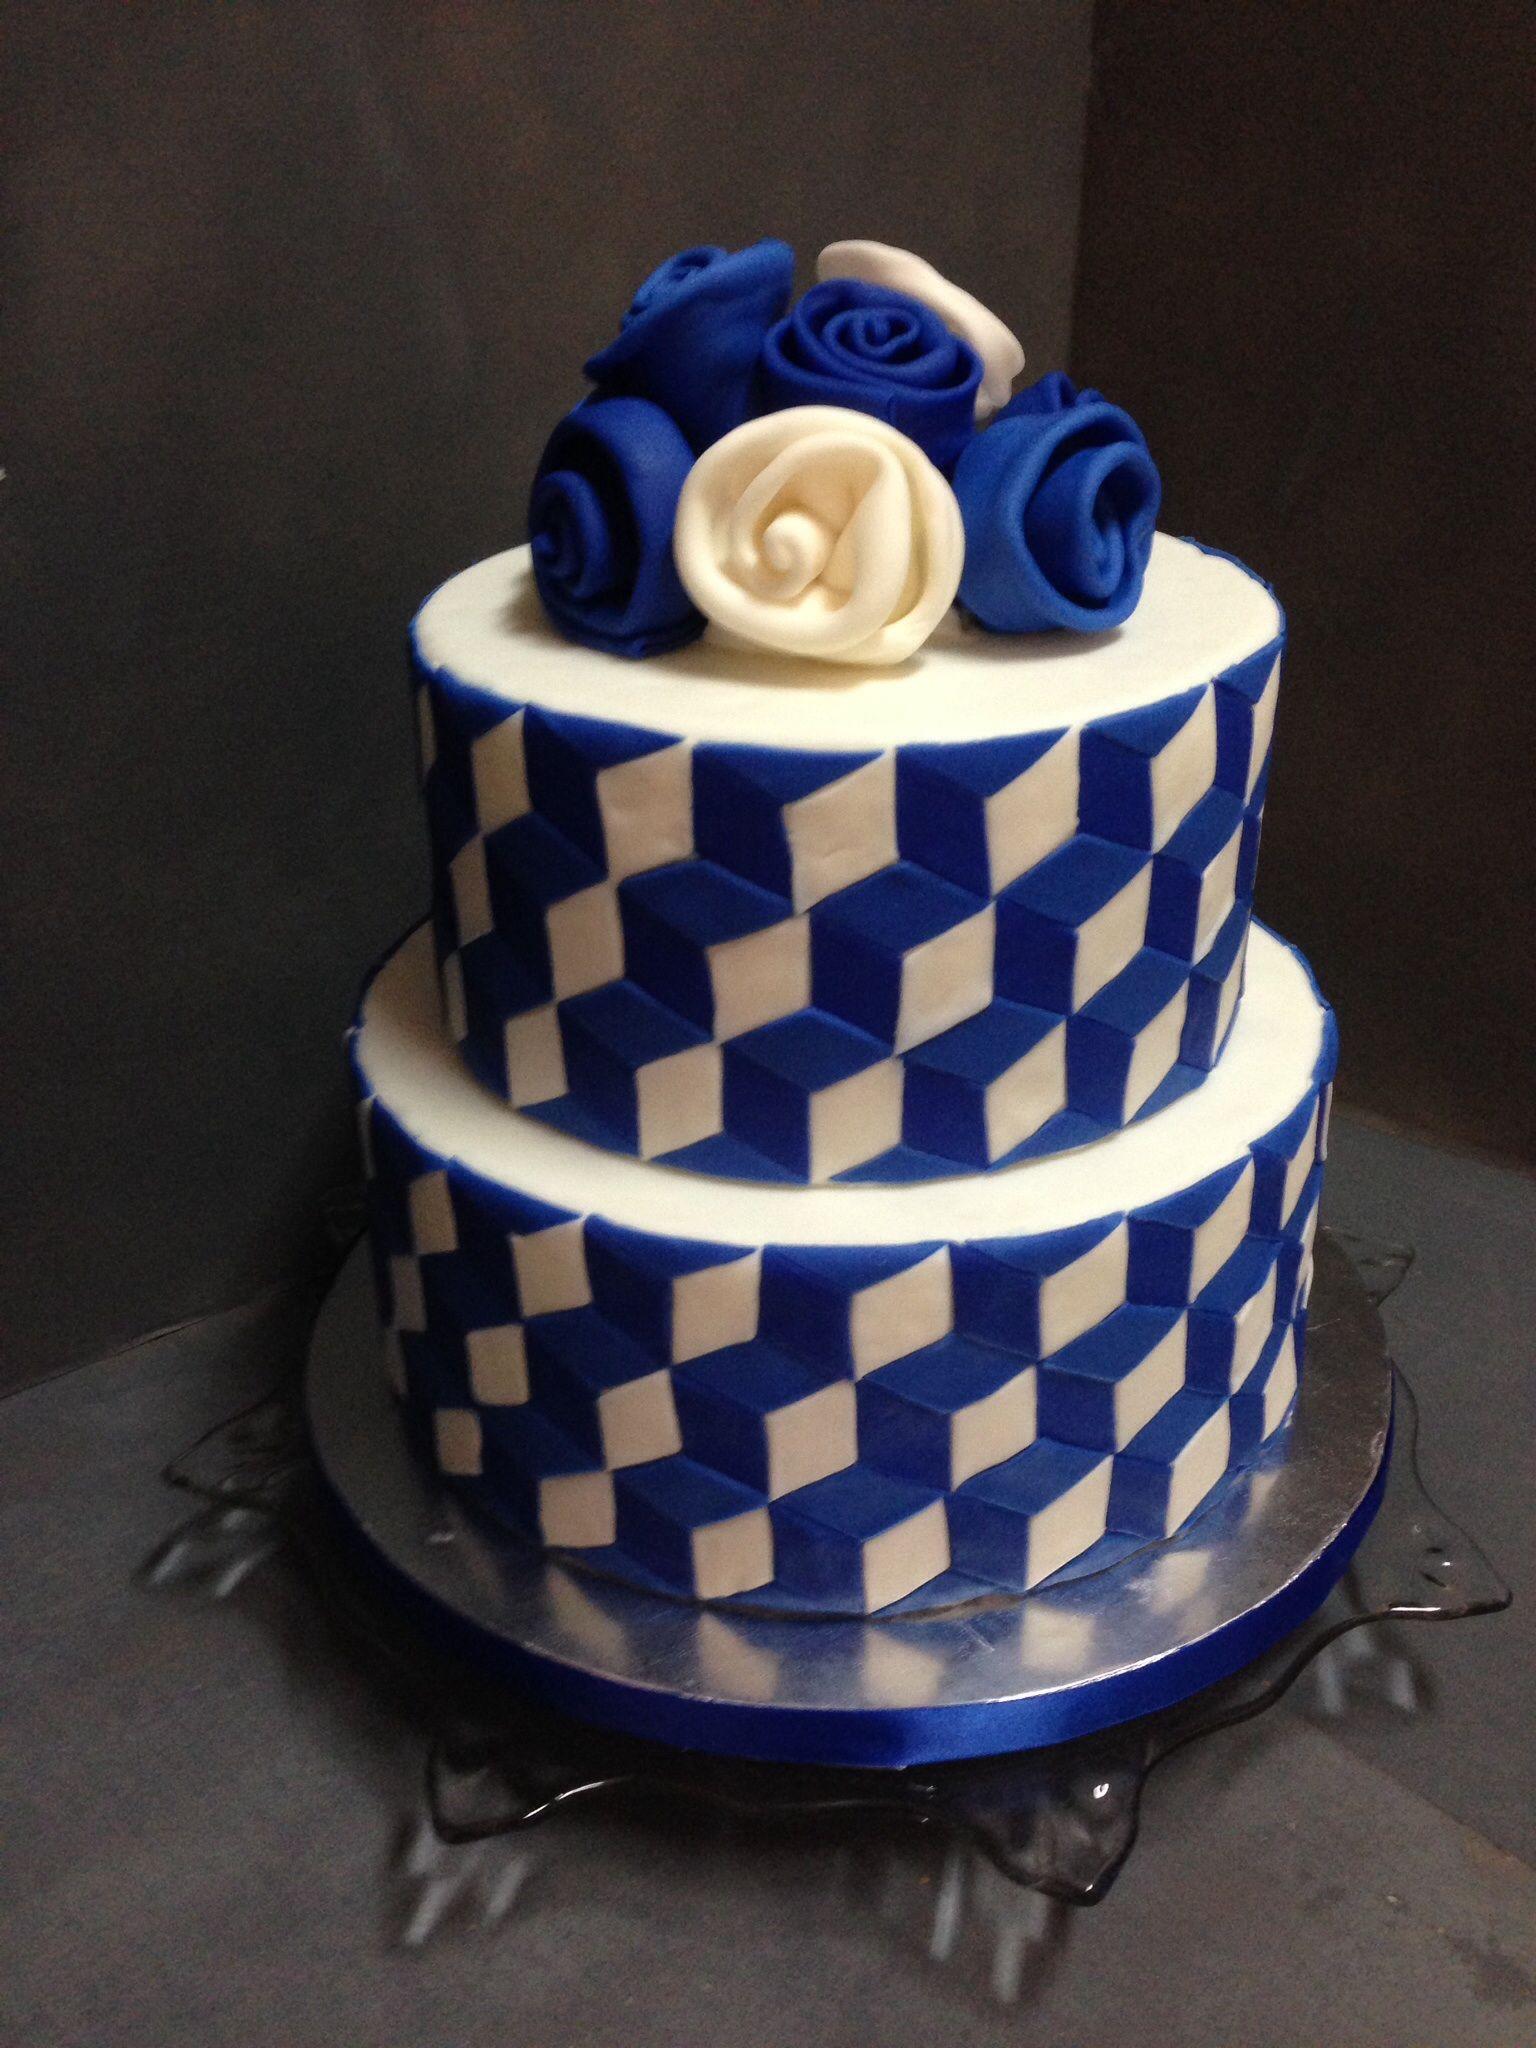 Optical Illusion Cake Geometric Cake Cake Modeling